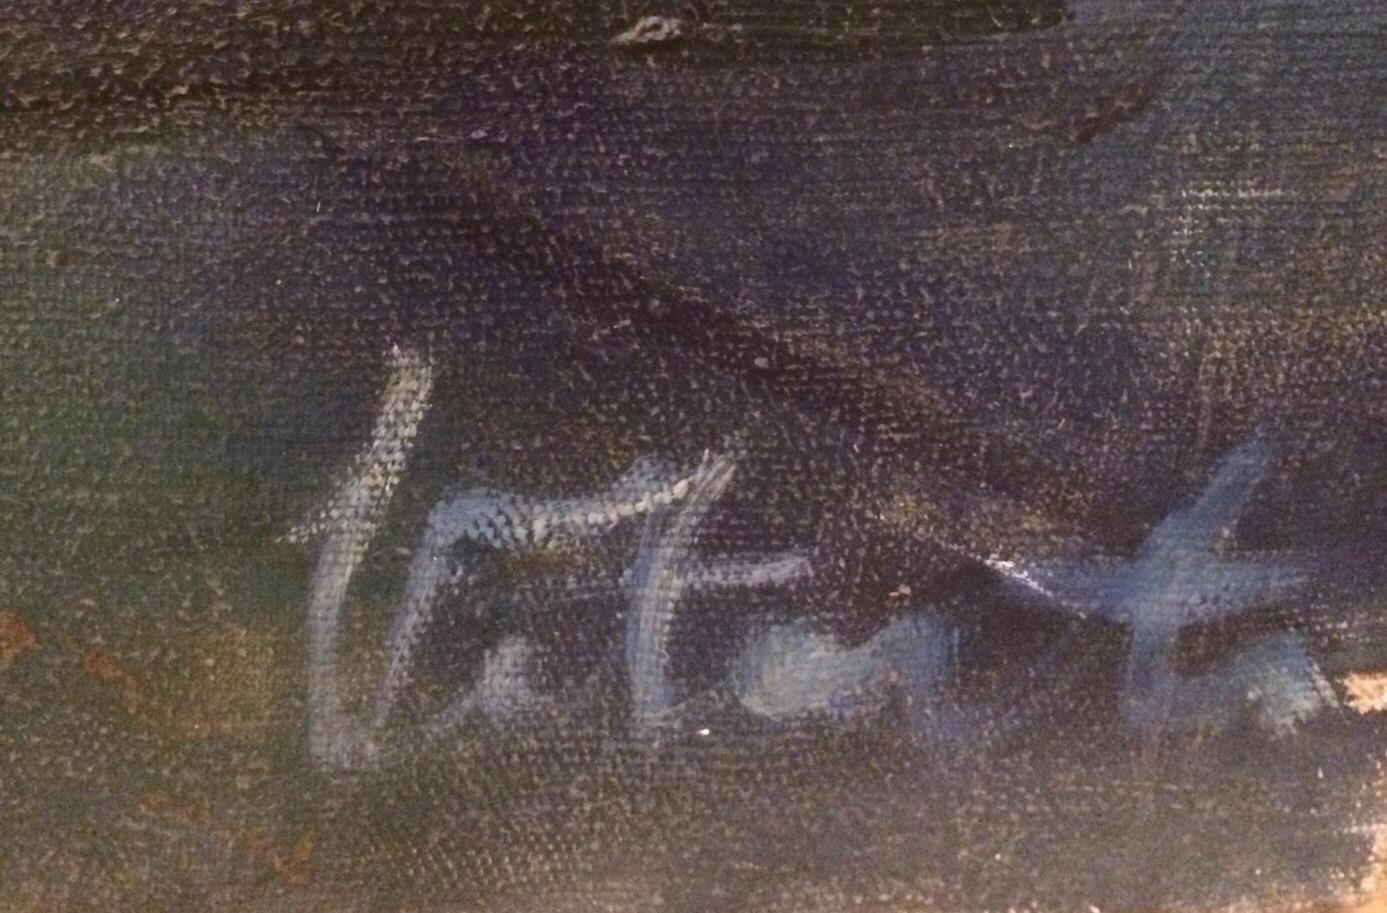 Подпись. Витартайте Гражина-Янина  Стасевна. ЭВМ. В вычислительном центре.